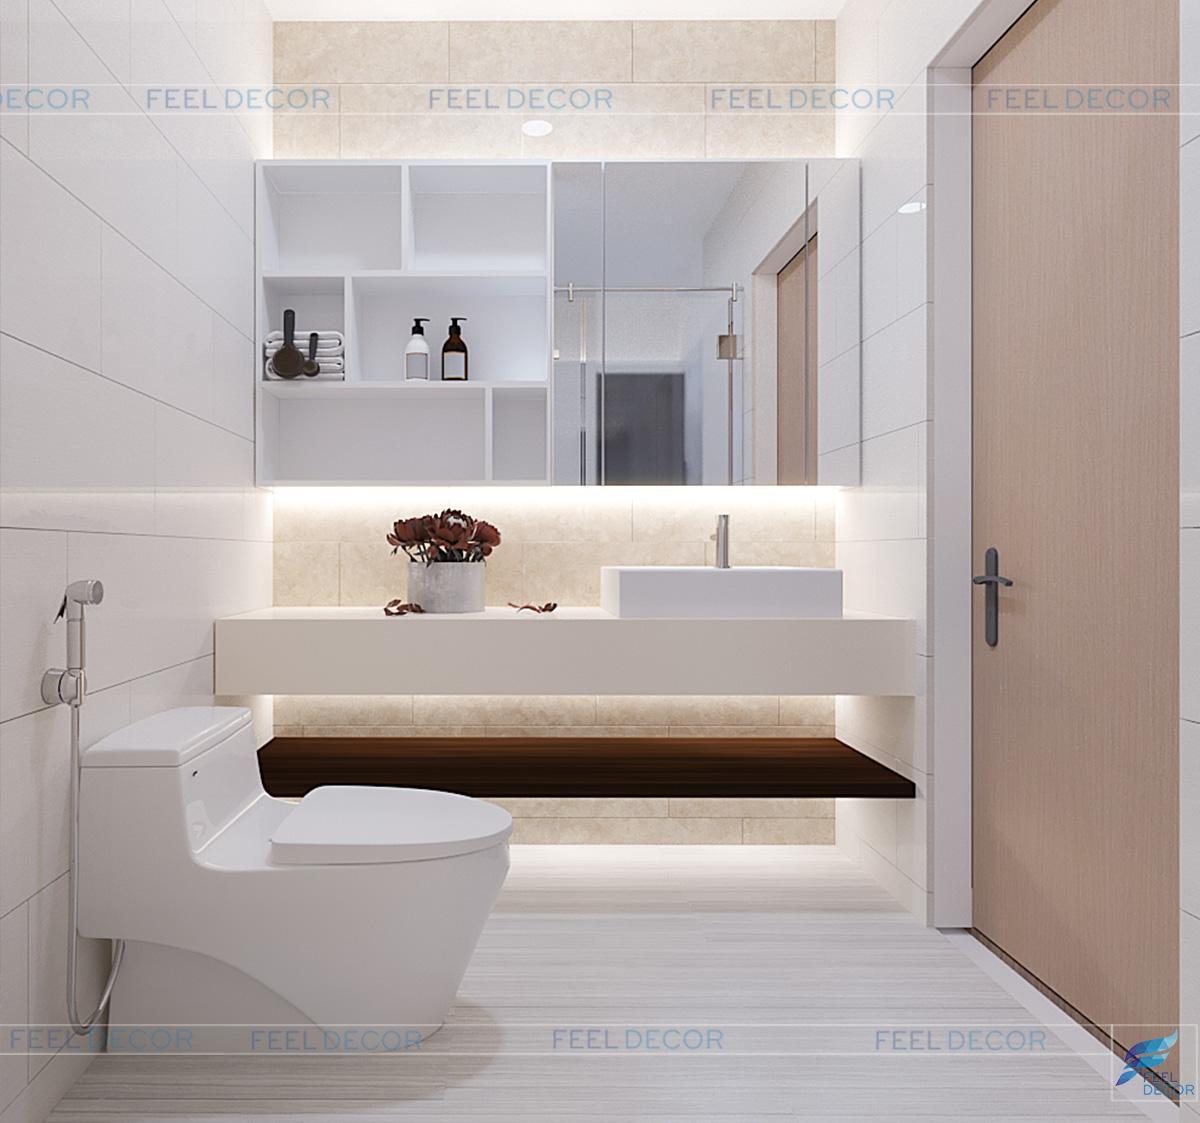 Nội thất tối giản và hiện đại mang lại sự tinh tế cho phòng tắm